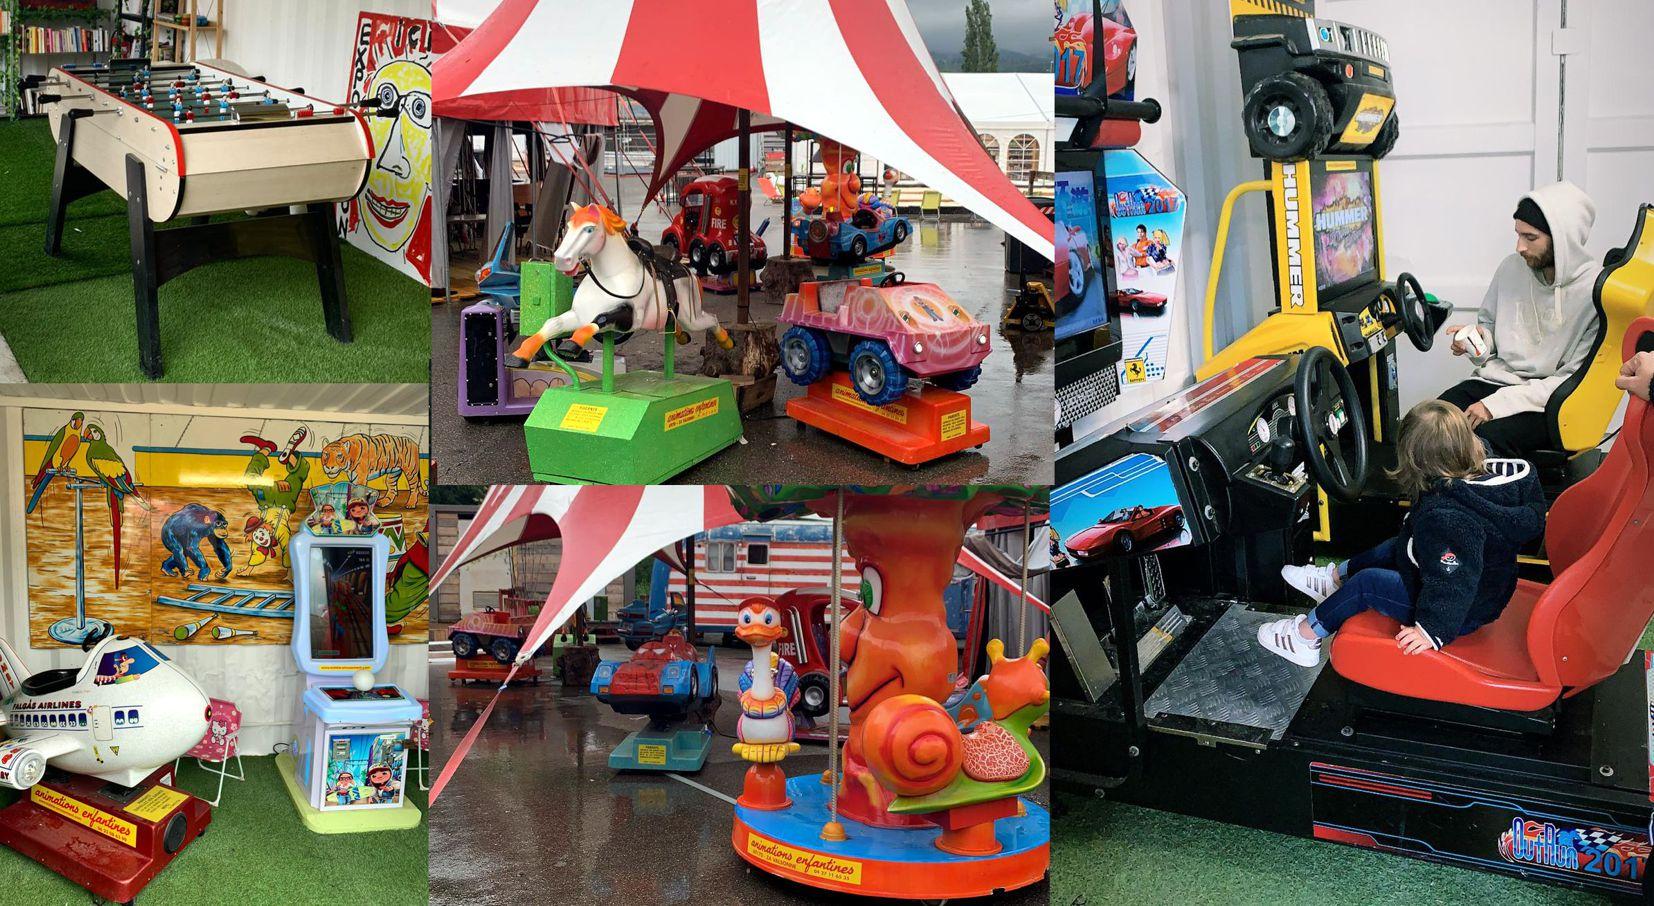 baby foot-arcade-manège-marché de la seiche - Annecy Sevrier